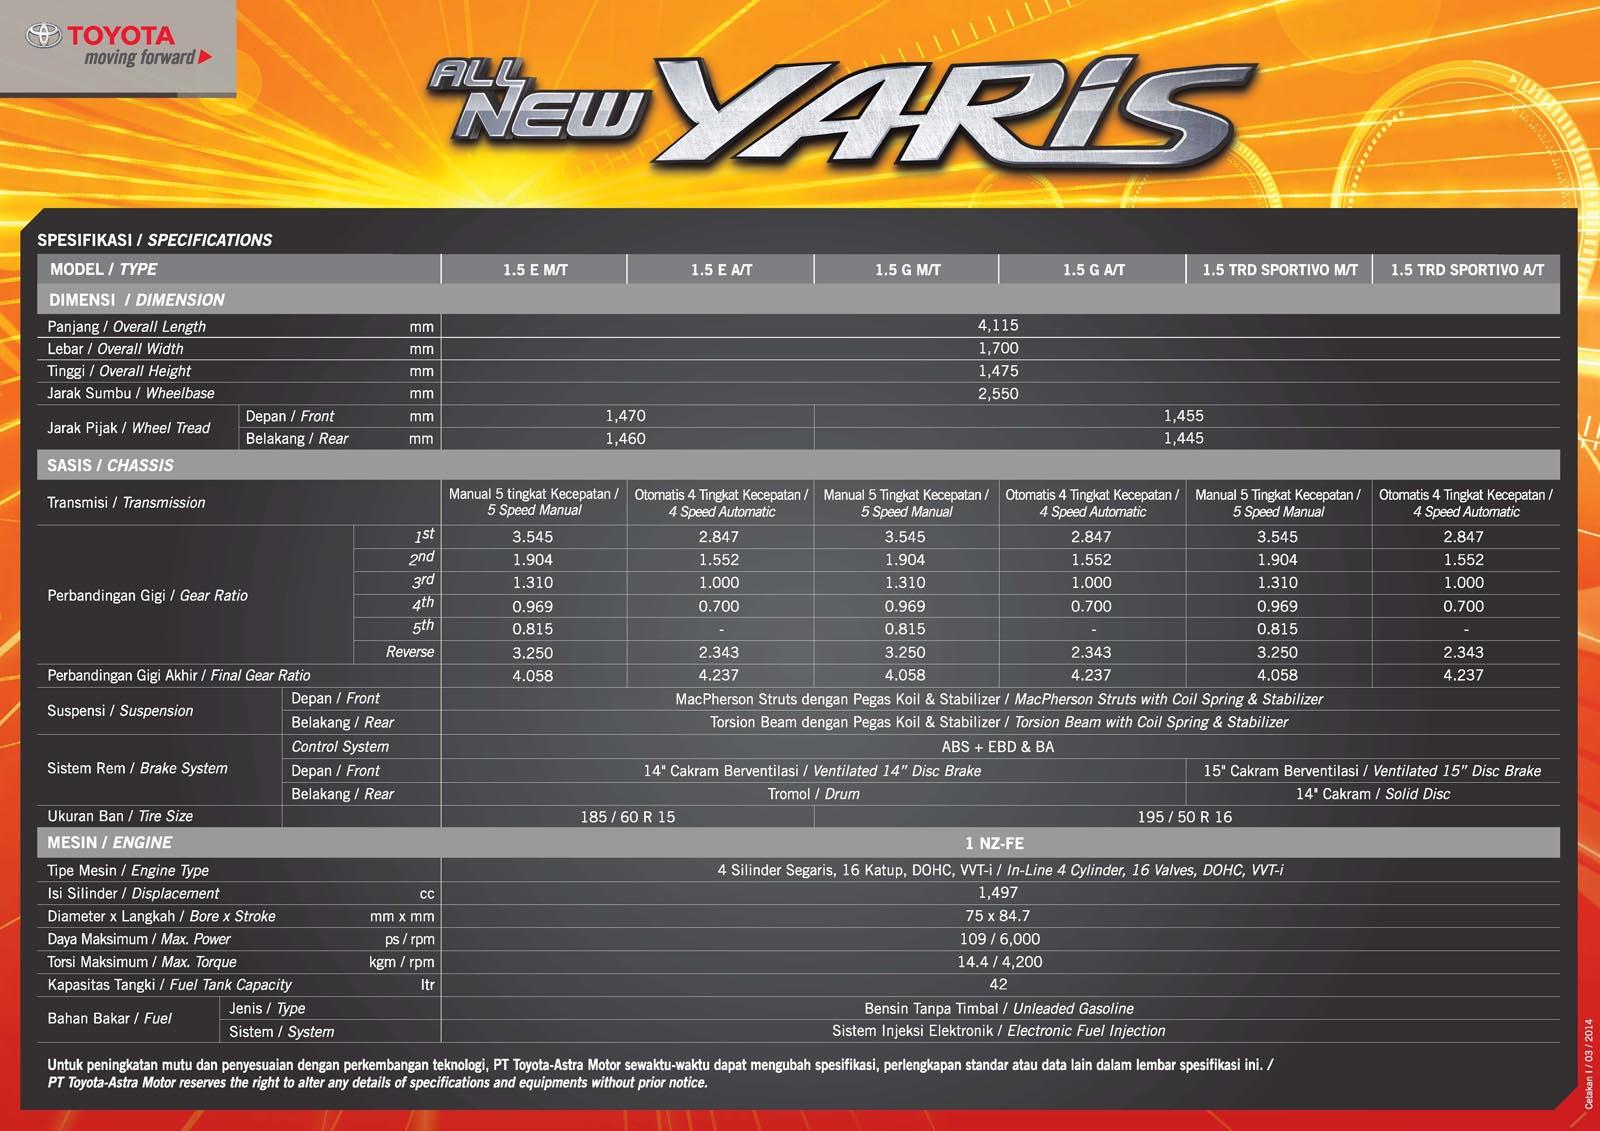 spesifikasi all new yaris trd 2014 grand avanza veloz 1.5 m/t toyota raju febrian s weblog 01 04 spec